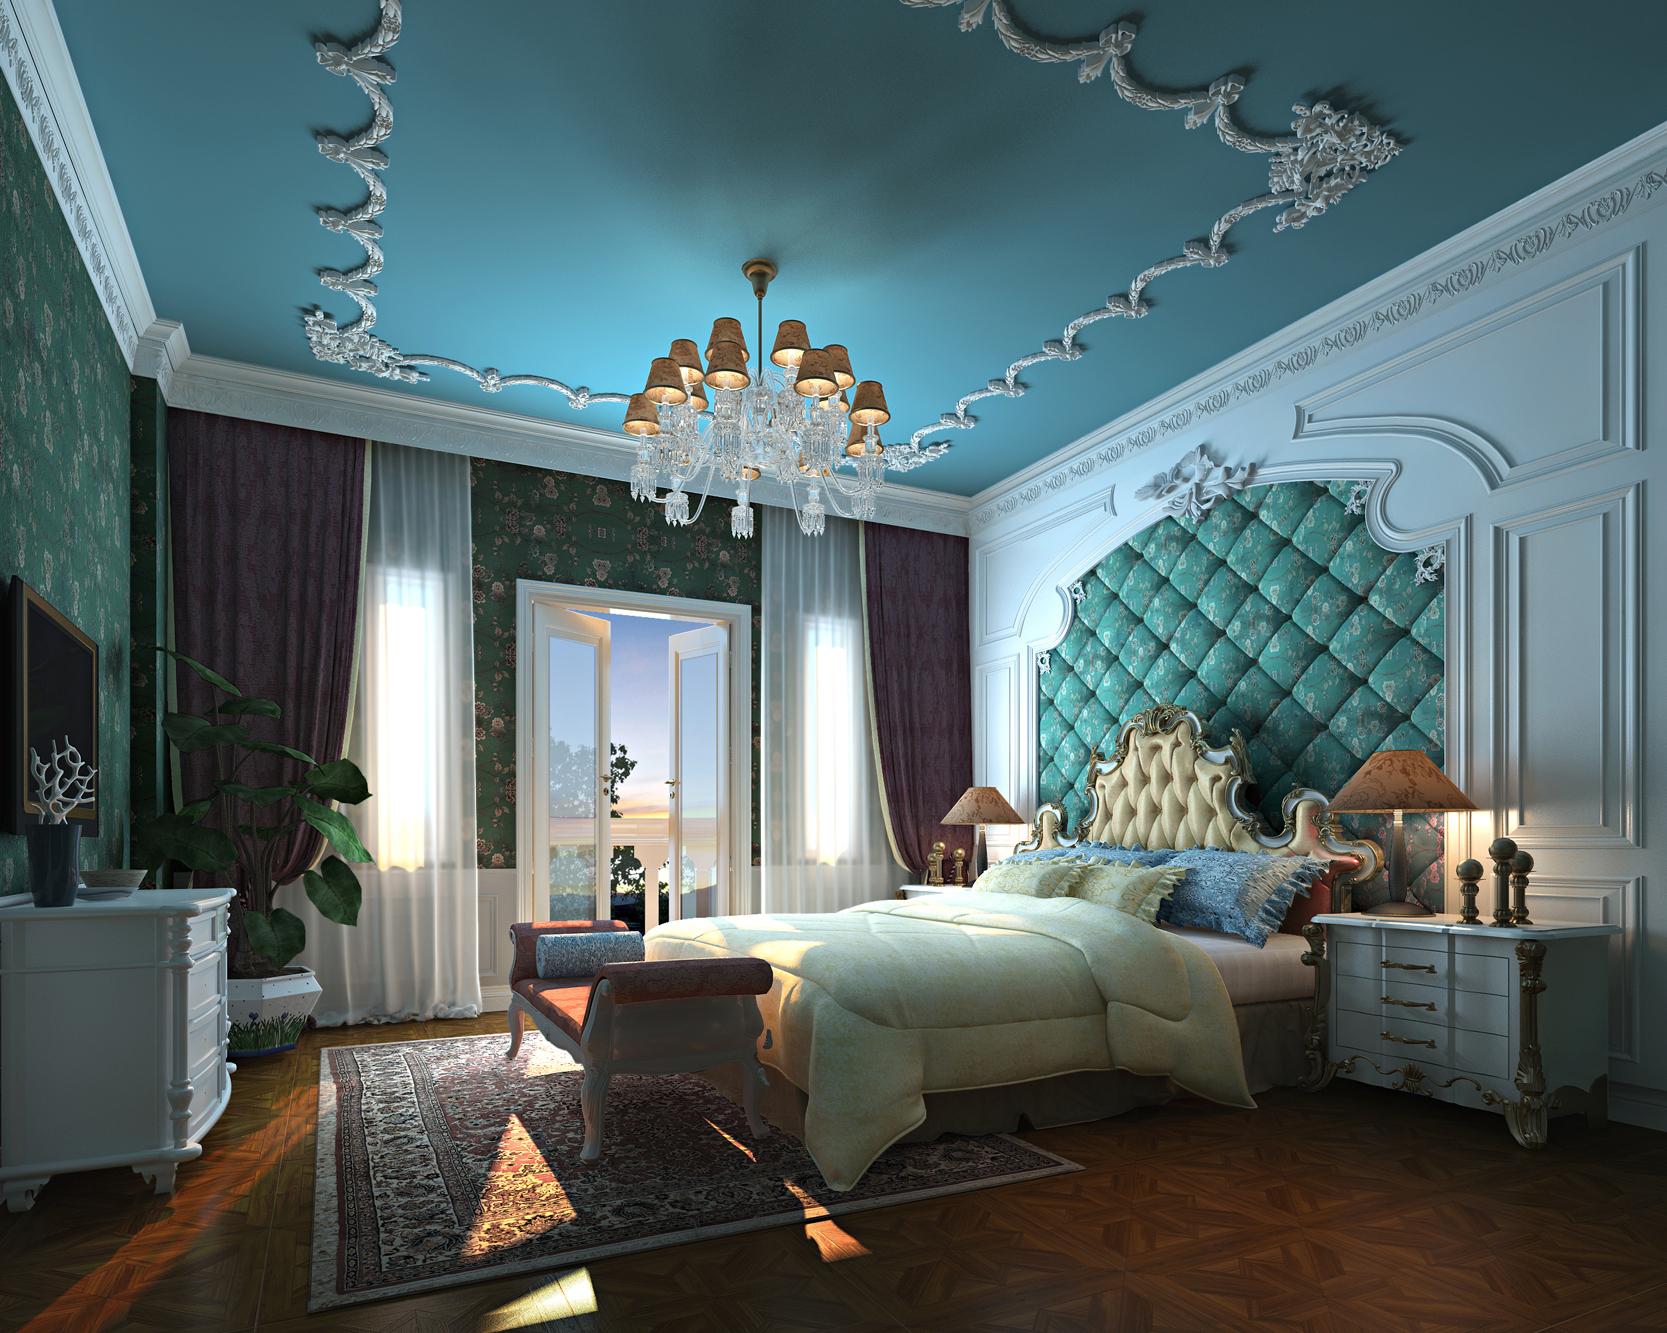 法式风格 原创国际 品质墅装 全案设计 儿童房图片来自原创国际别墅装饰在海兰云天的分享